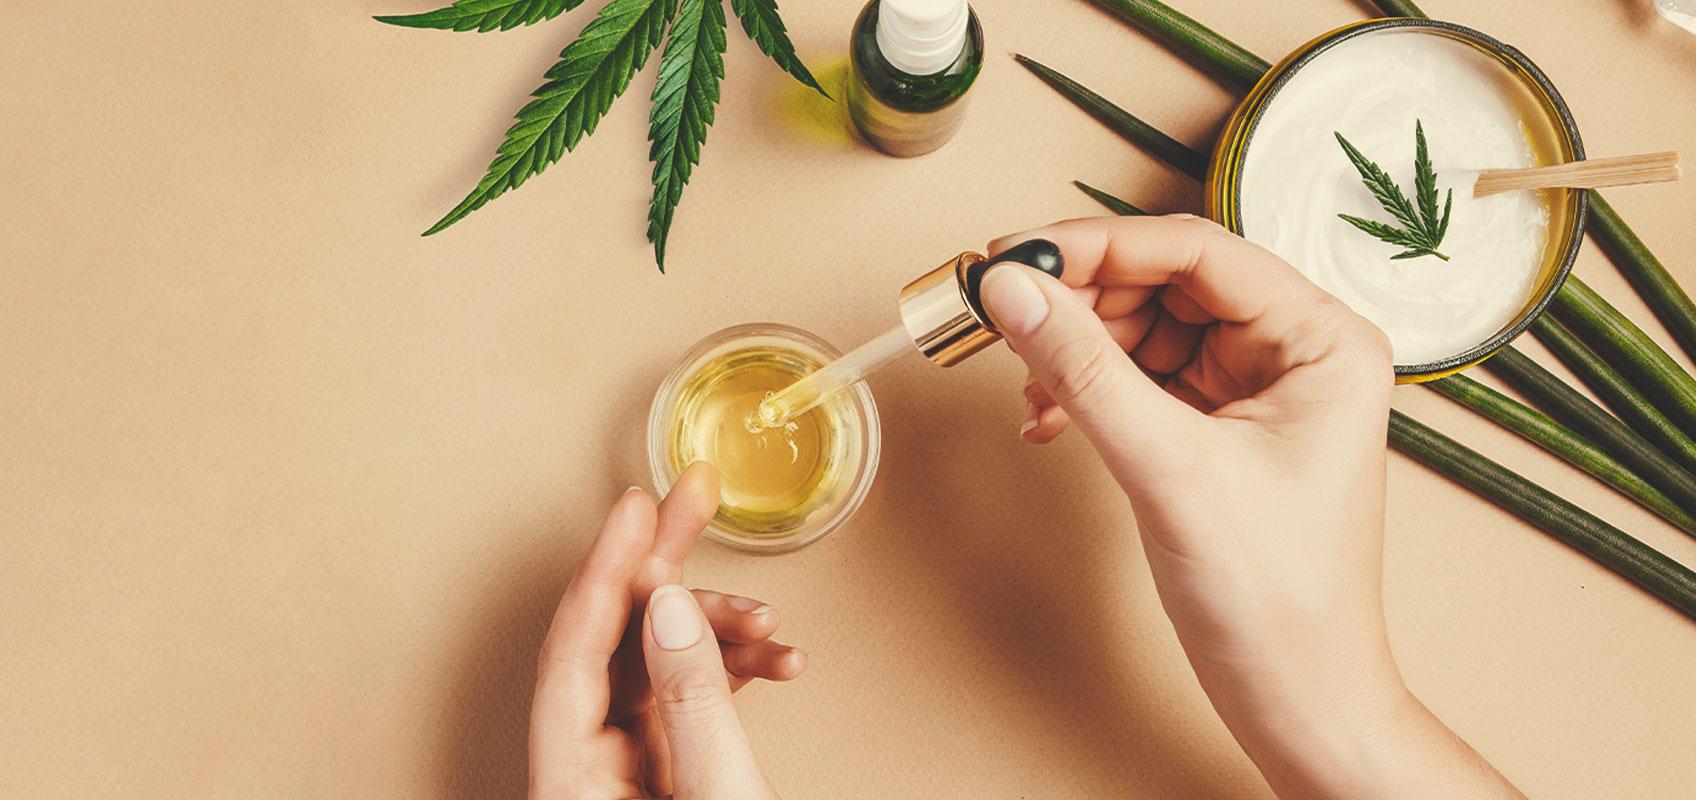 Cómo hacer aceite a partir de semillas de marihuana medicinal